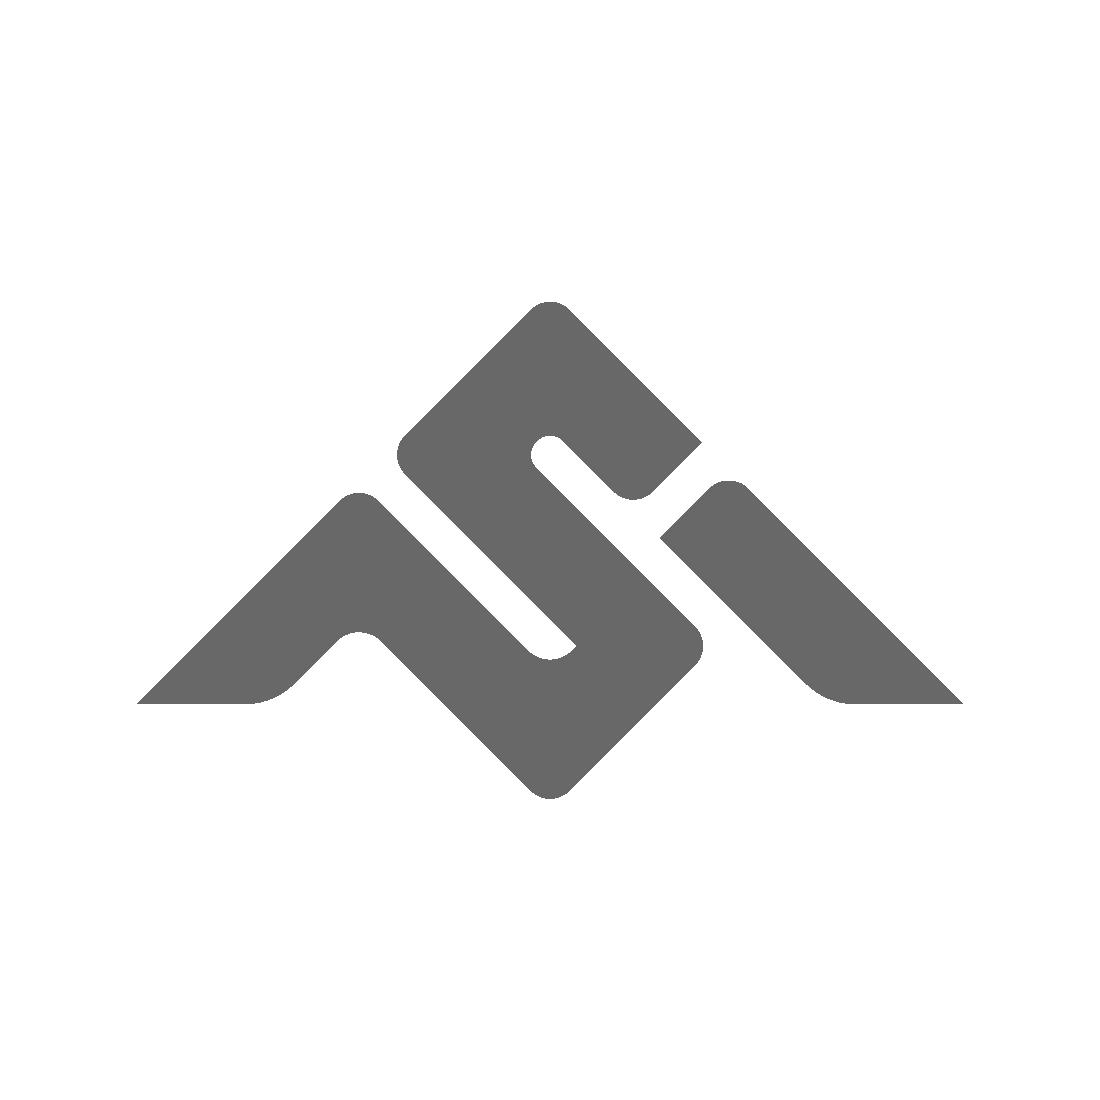 roues fothons rage de powerslide avec led pour rollers en ligne acheter roues de roller. Black Bedroom Furniture Sets. Home Design Ideas